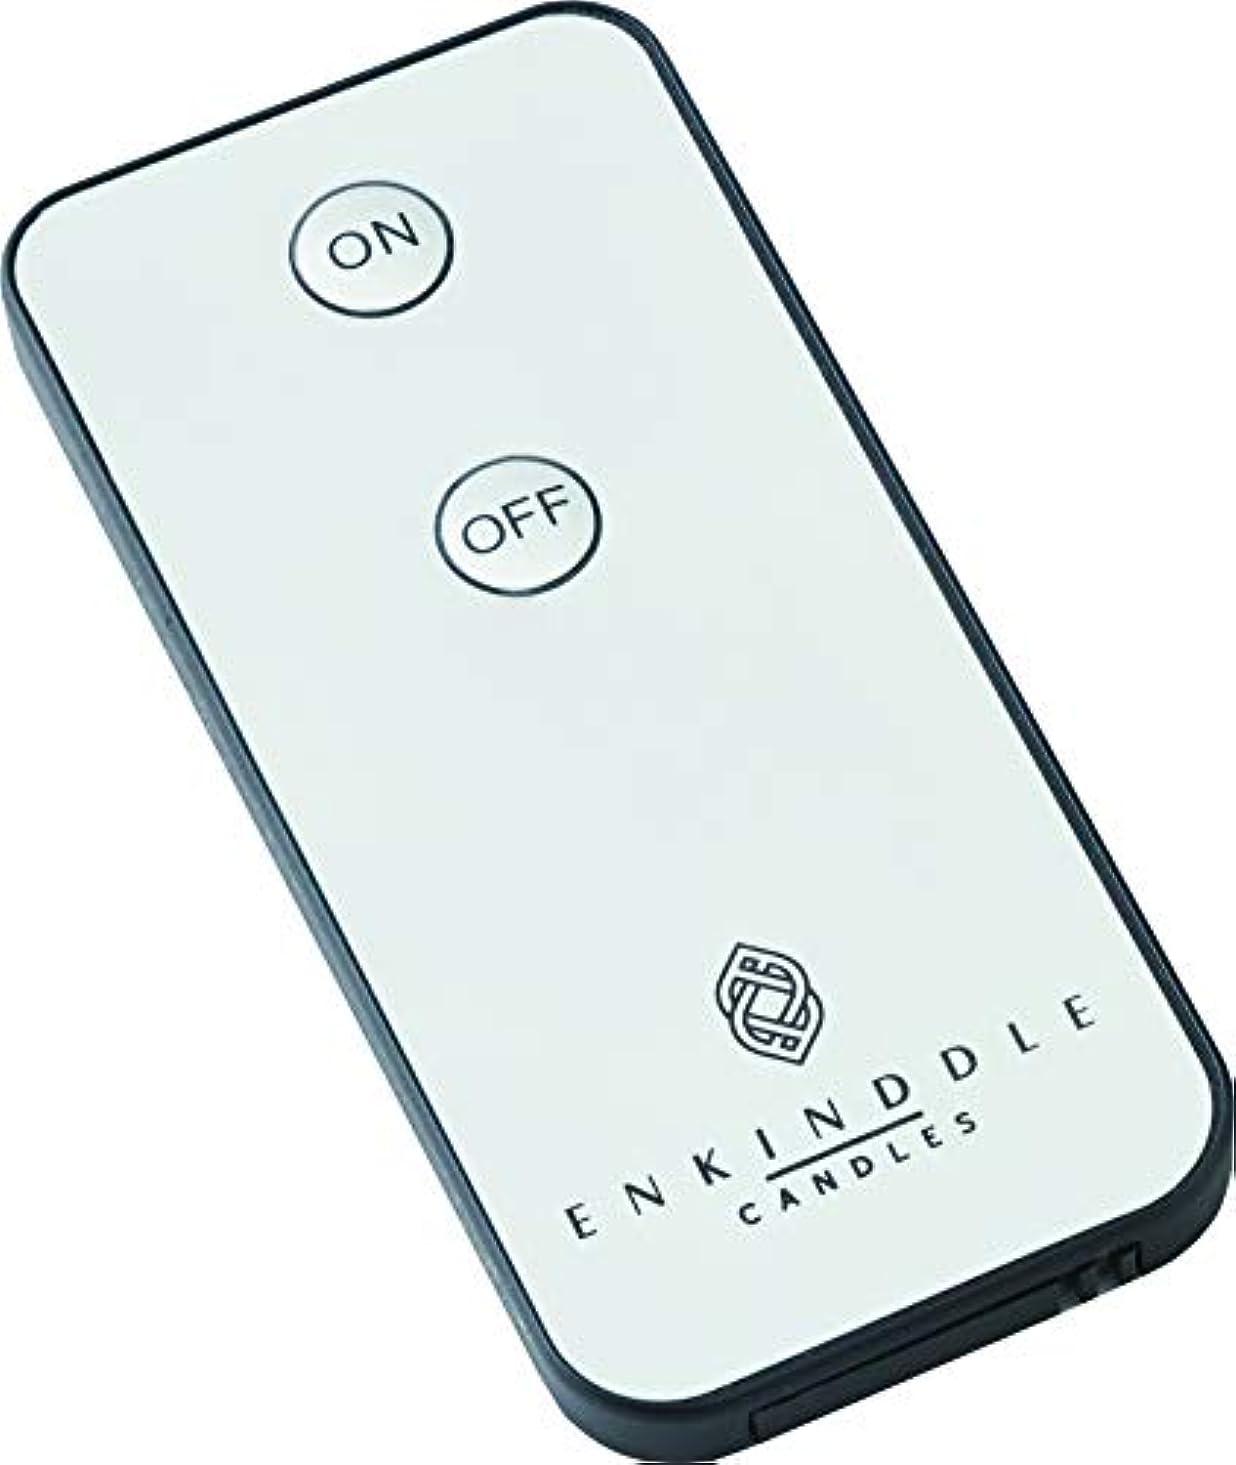 印象派受動的債務エンキンドル 3D LEDキャンドル リモコン